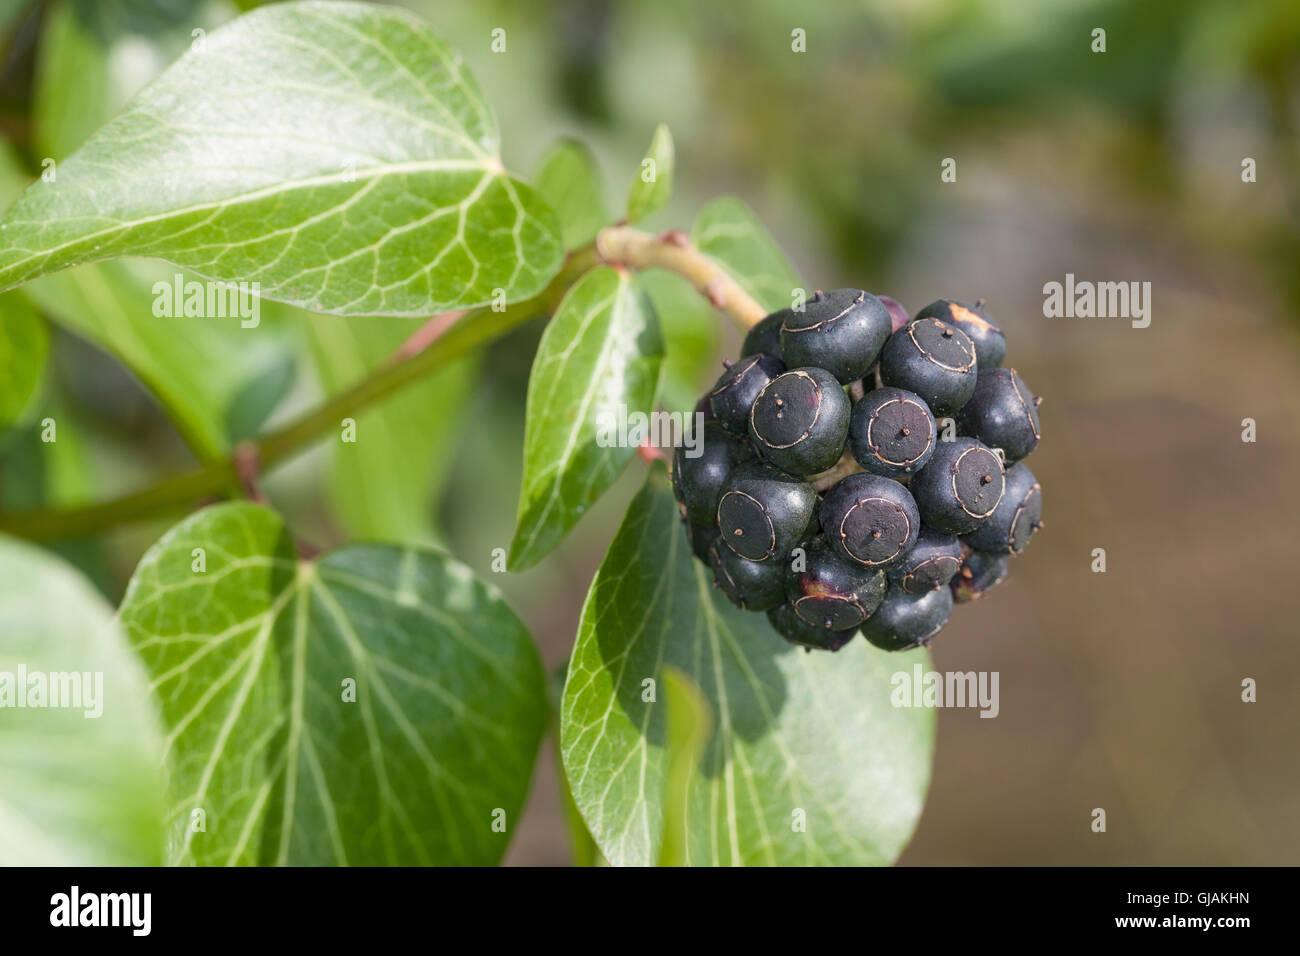 Efeu, Frucht, Früchte, Beere, Beeren, Hedera Helix, Common